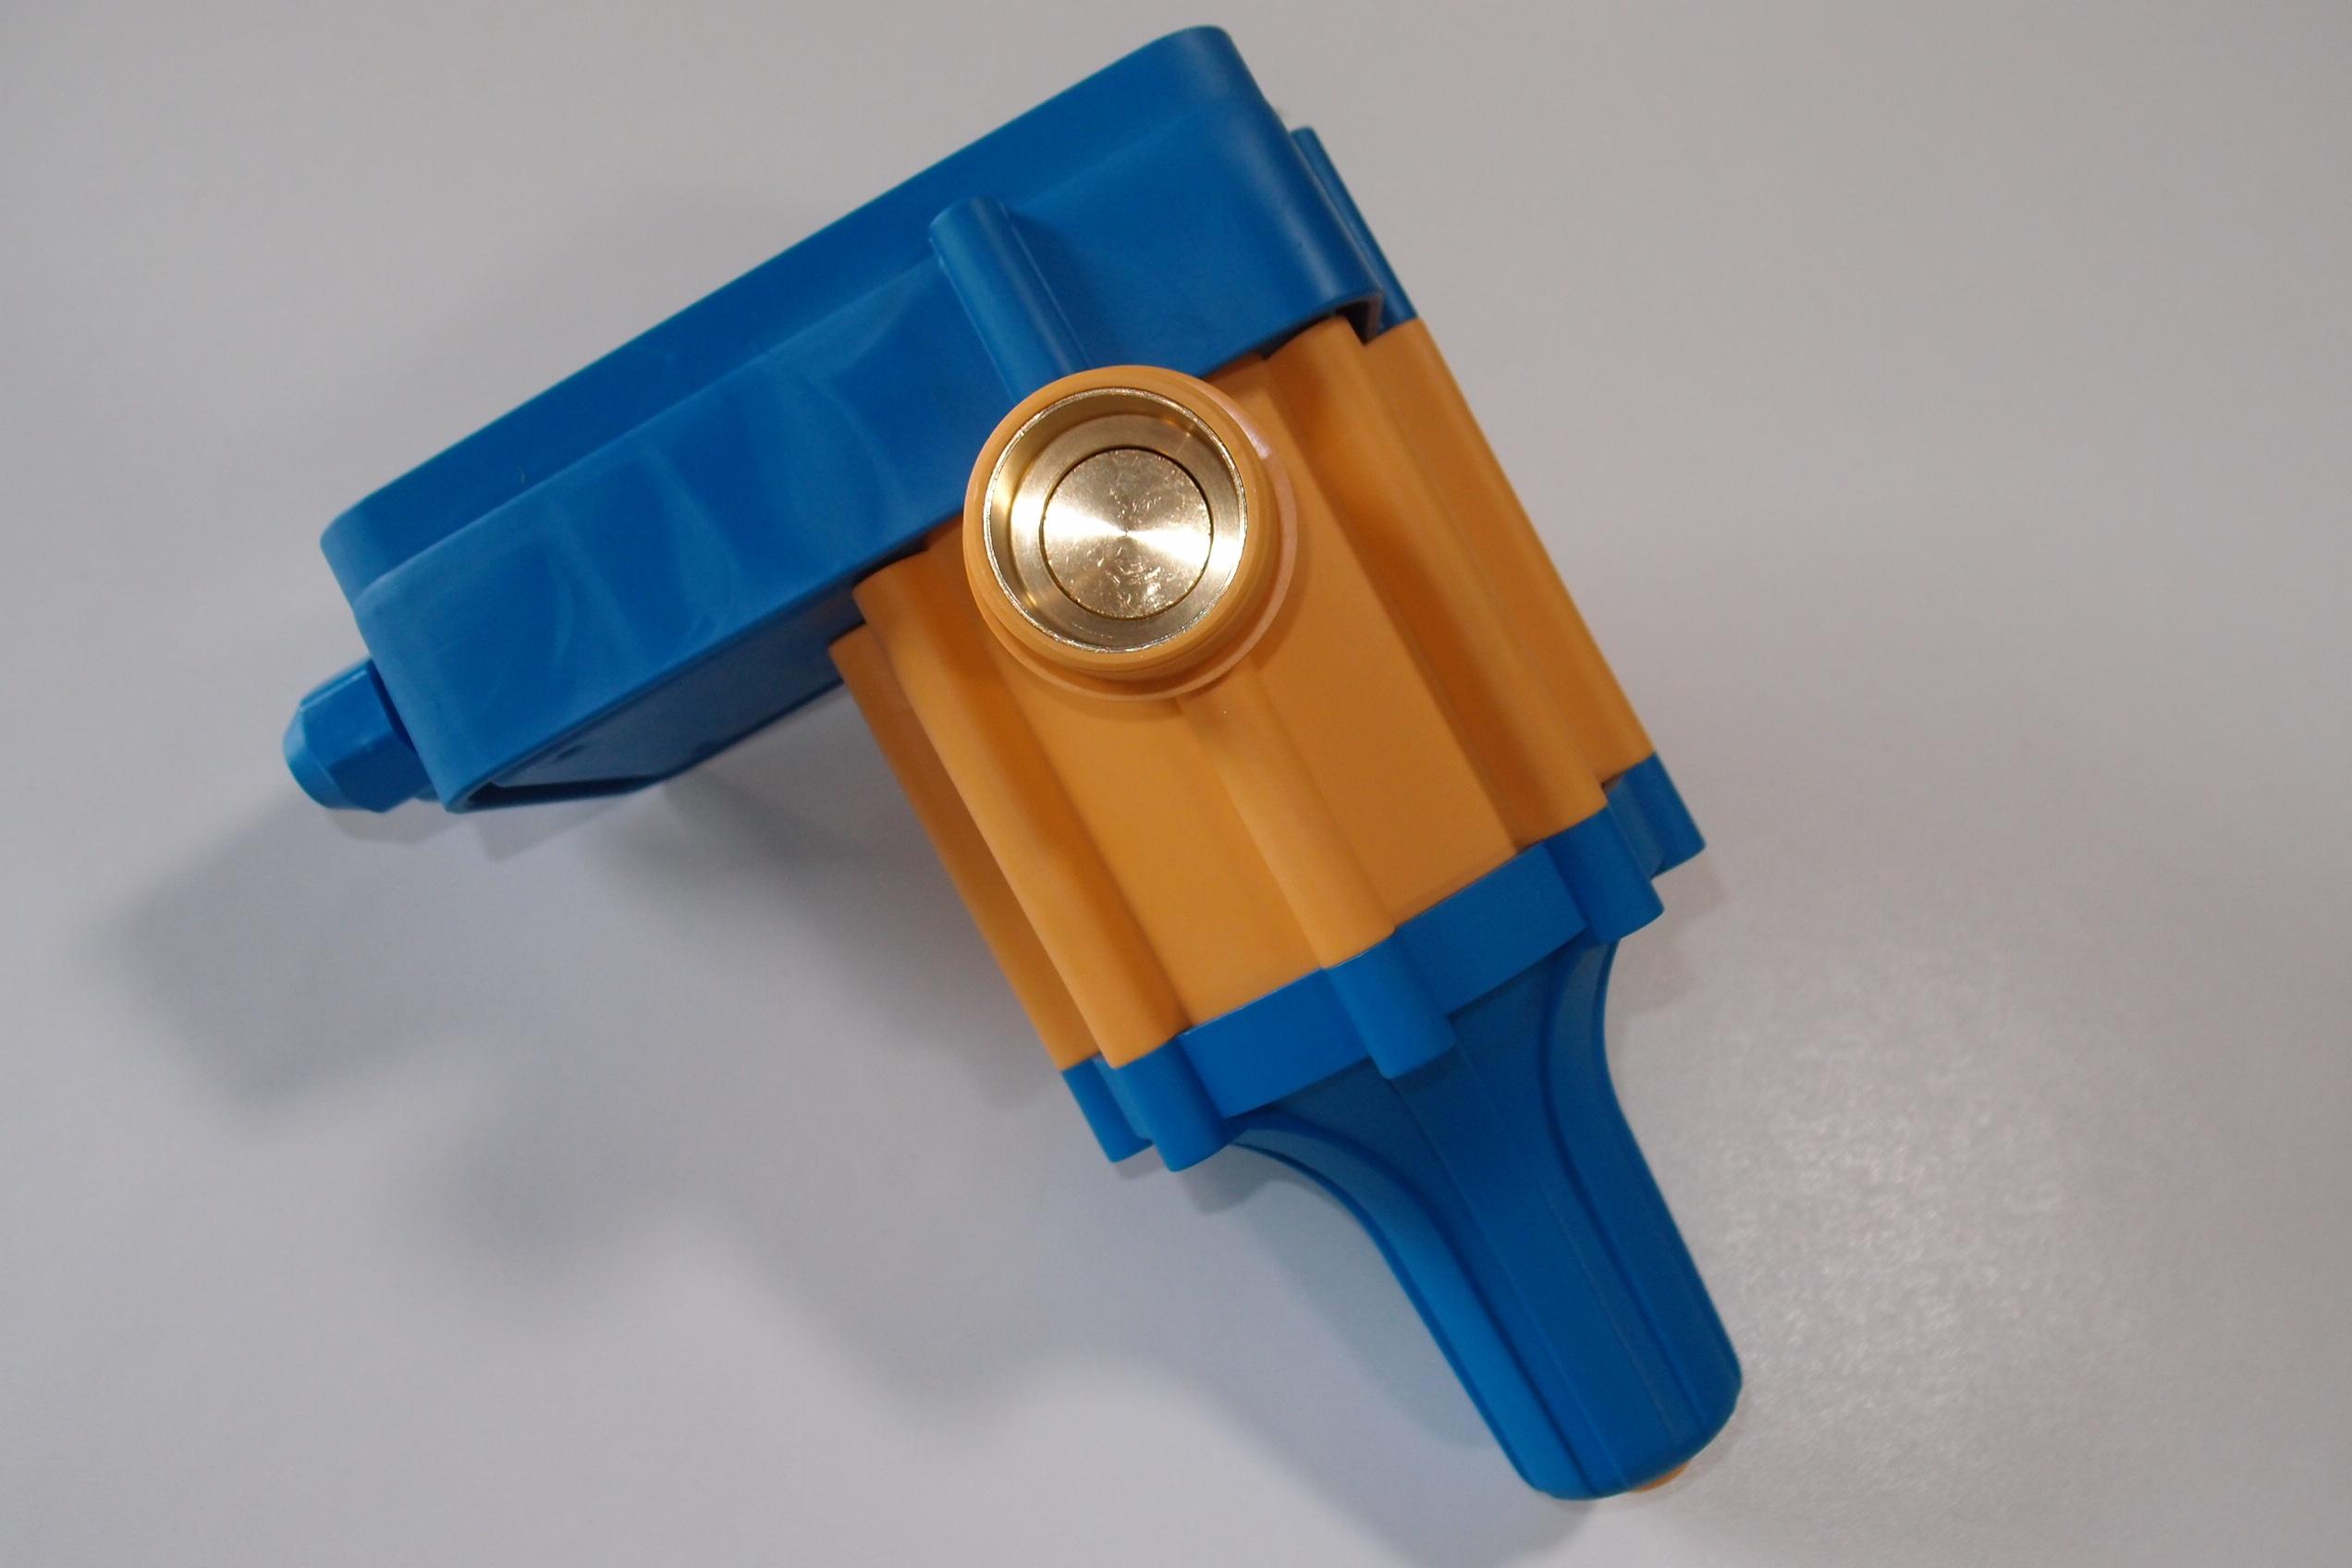 Mascontrol Druckschalter 5/4 Zoll Pumpensteuerung 1 1/4 Anschluss